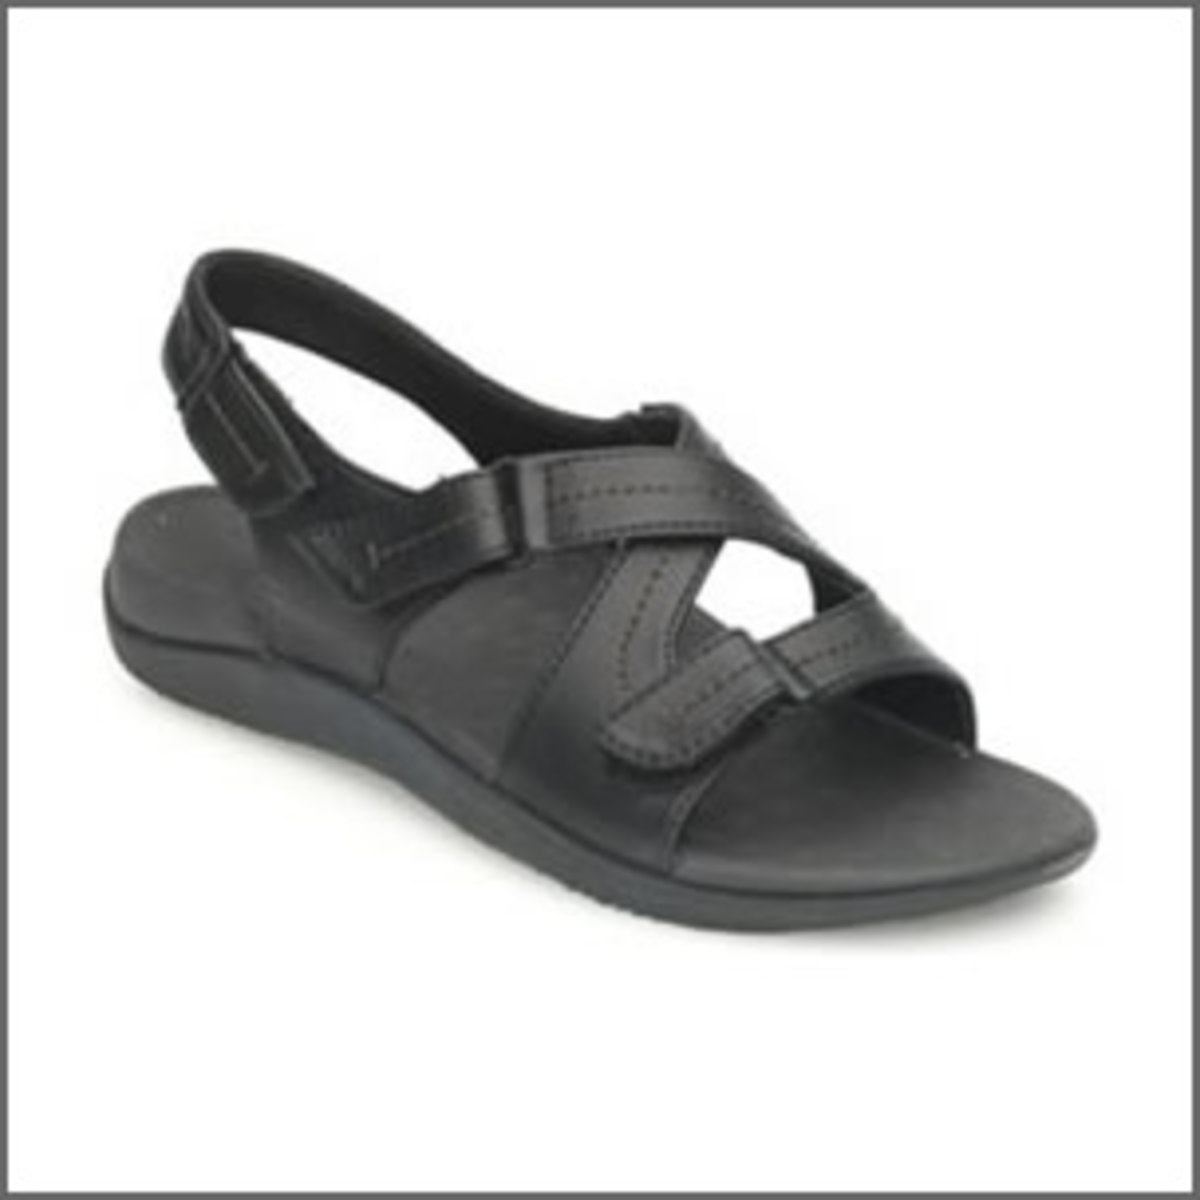 Orthaheel Women's Adjust sandal